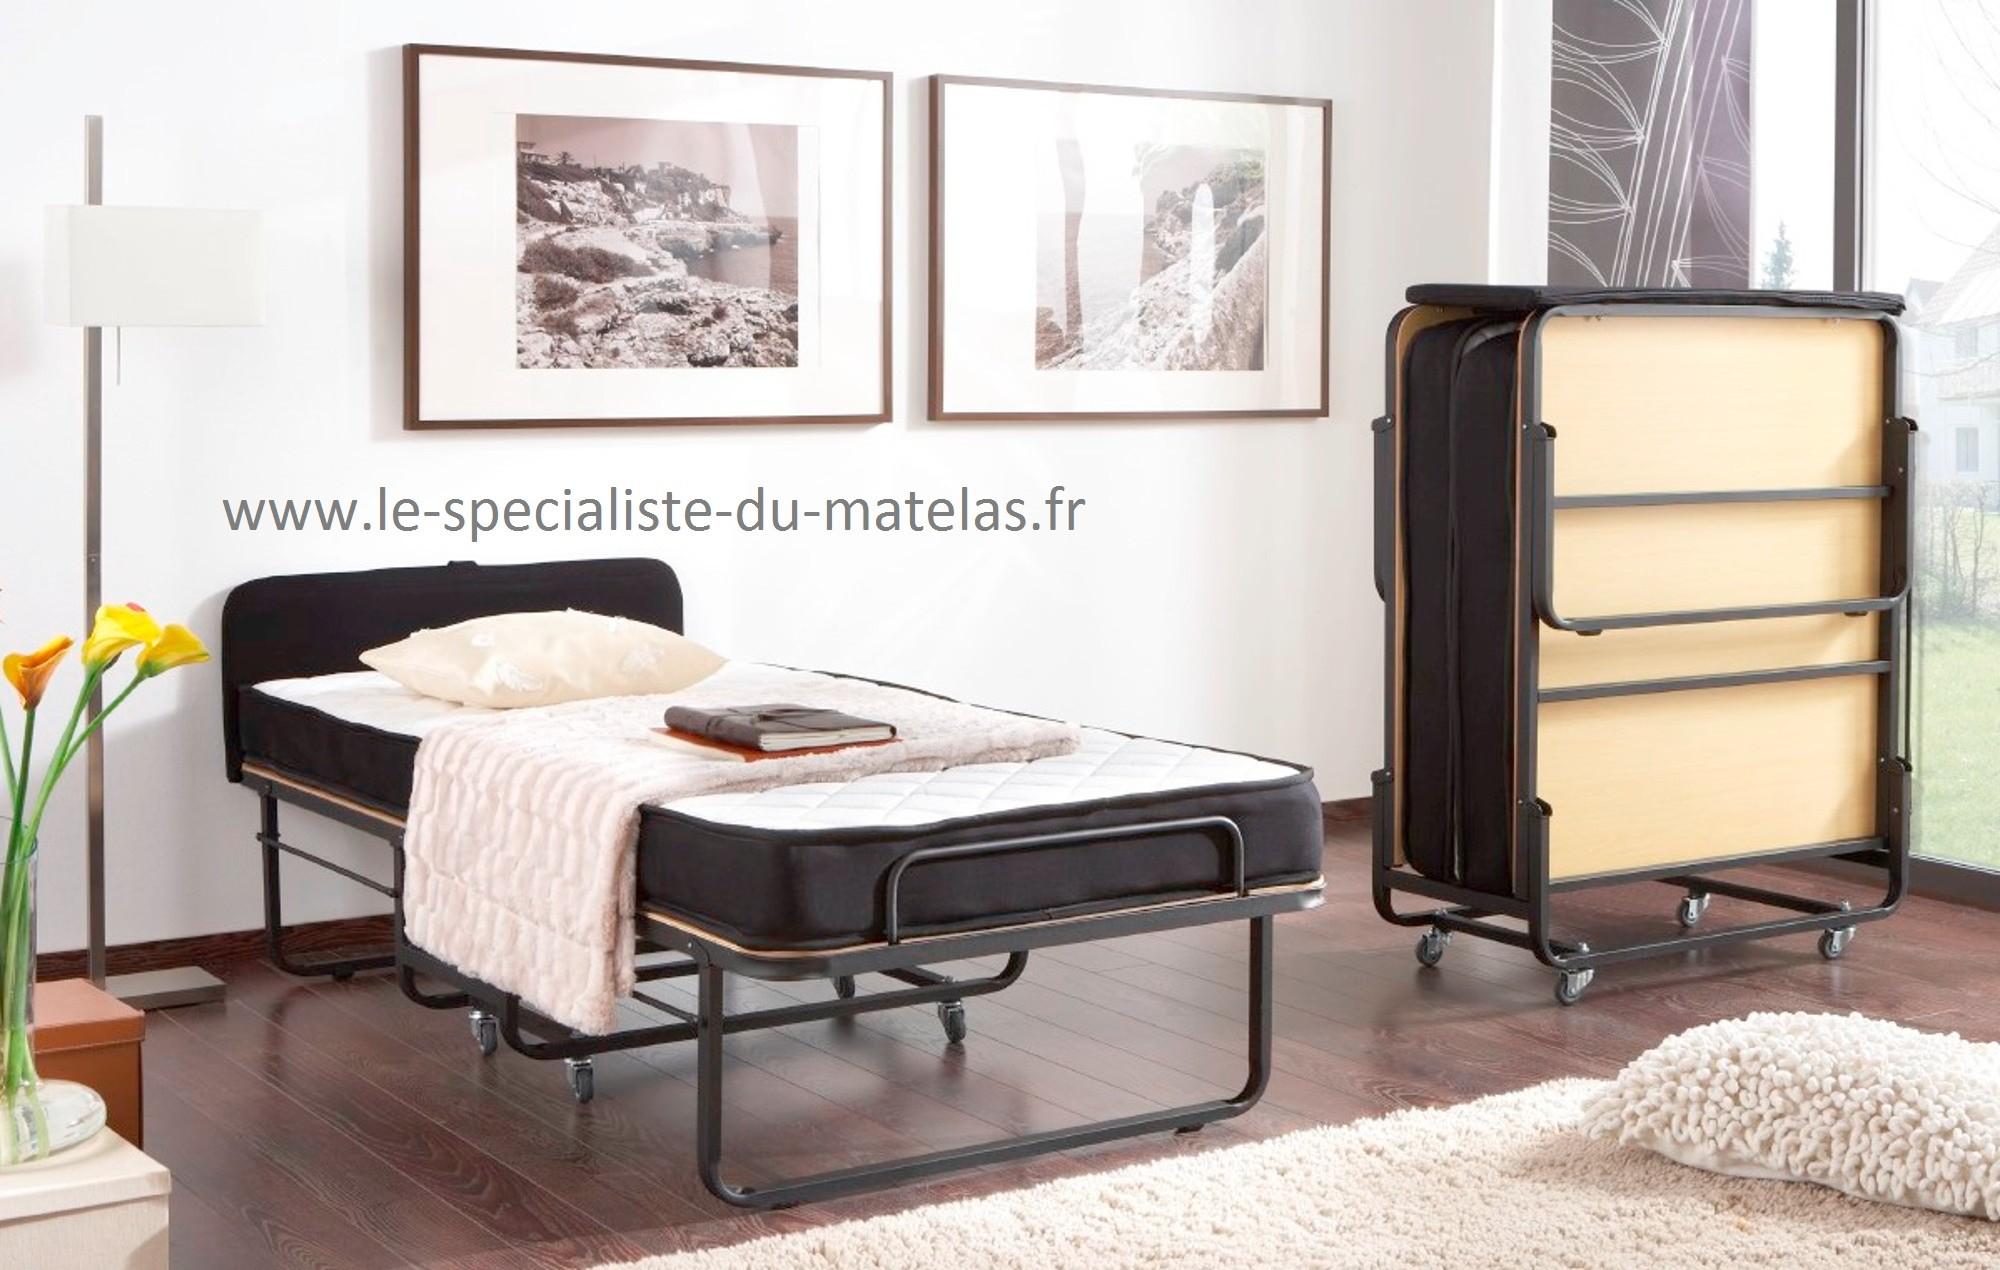 lit pliant avec tete de lit a decouvrir au le specialiste du matelas